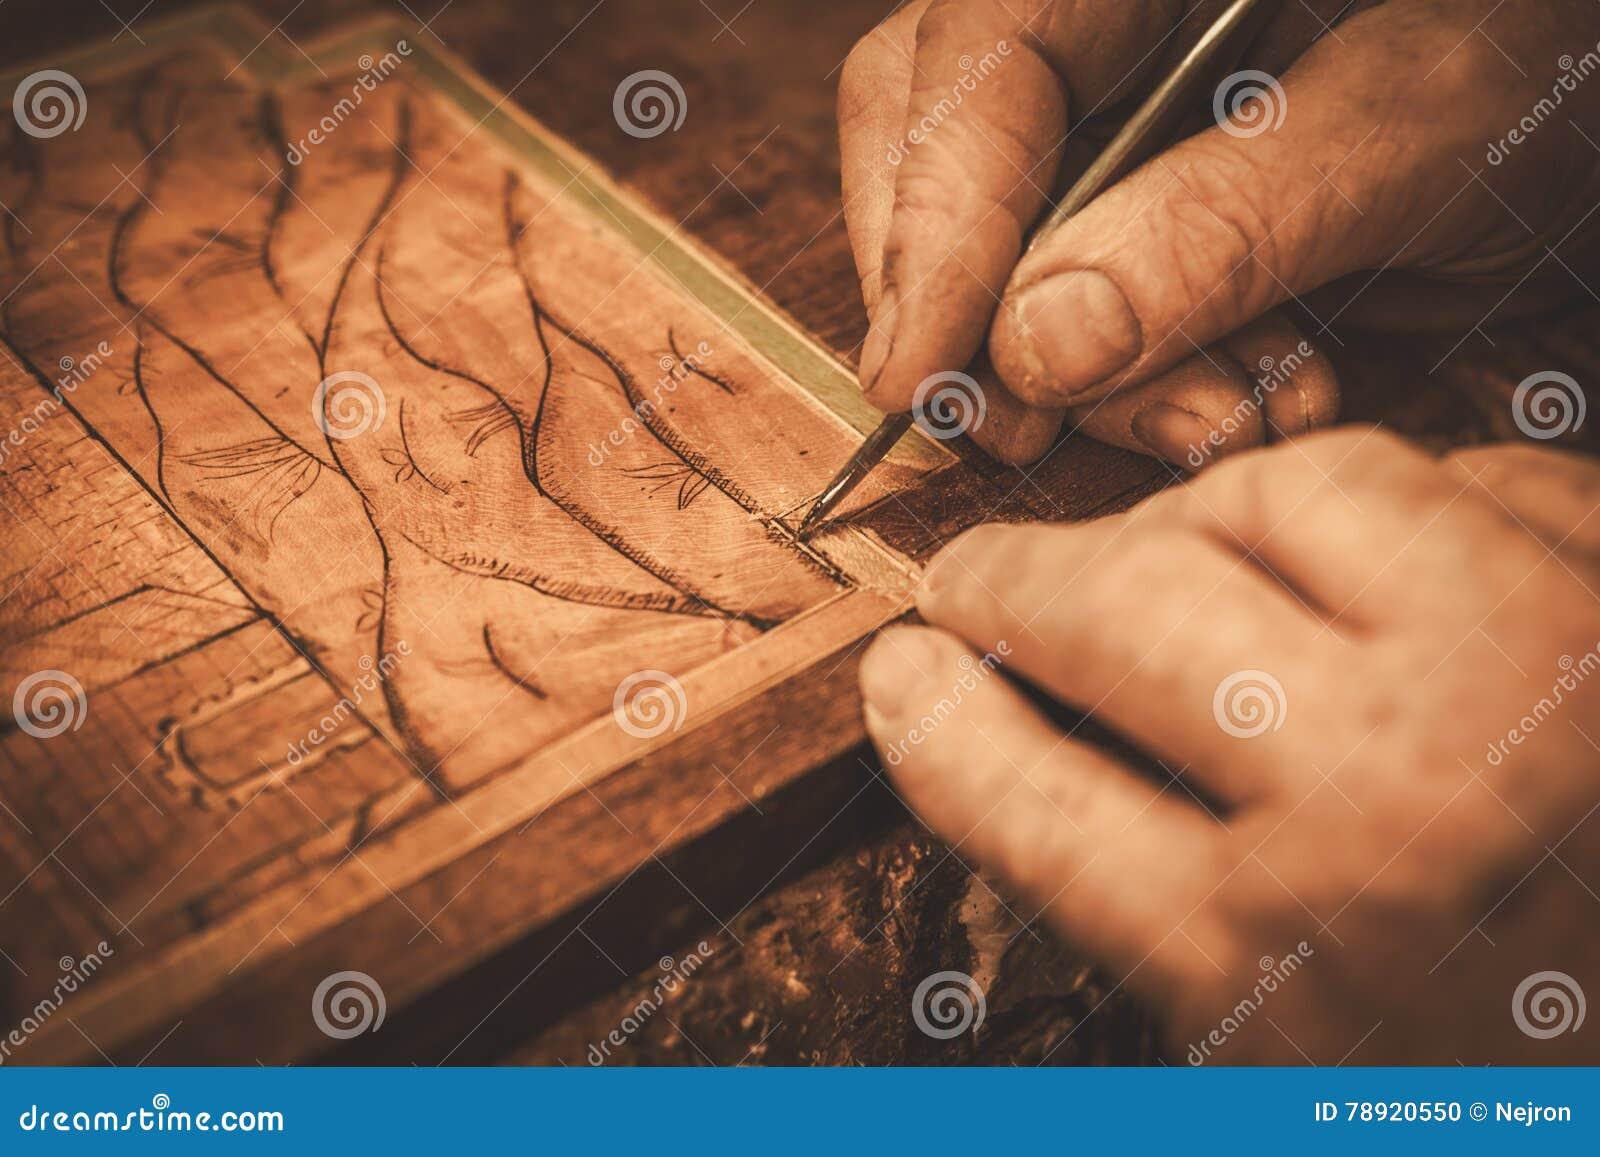 Nahaufnahme des Stärkungsmittels übergibt das Arbeiten mit antikem Dekorelement in seiner Werkstatt